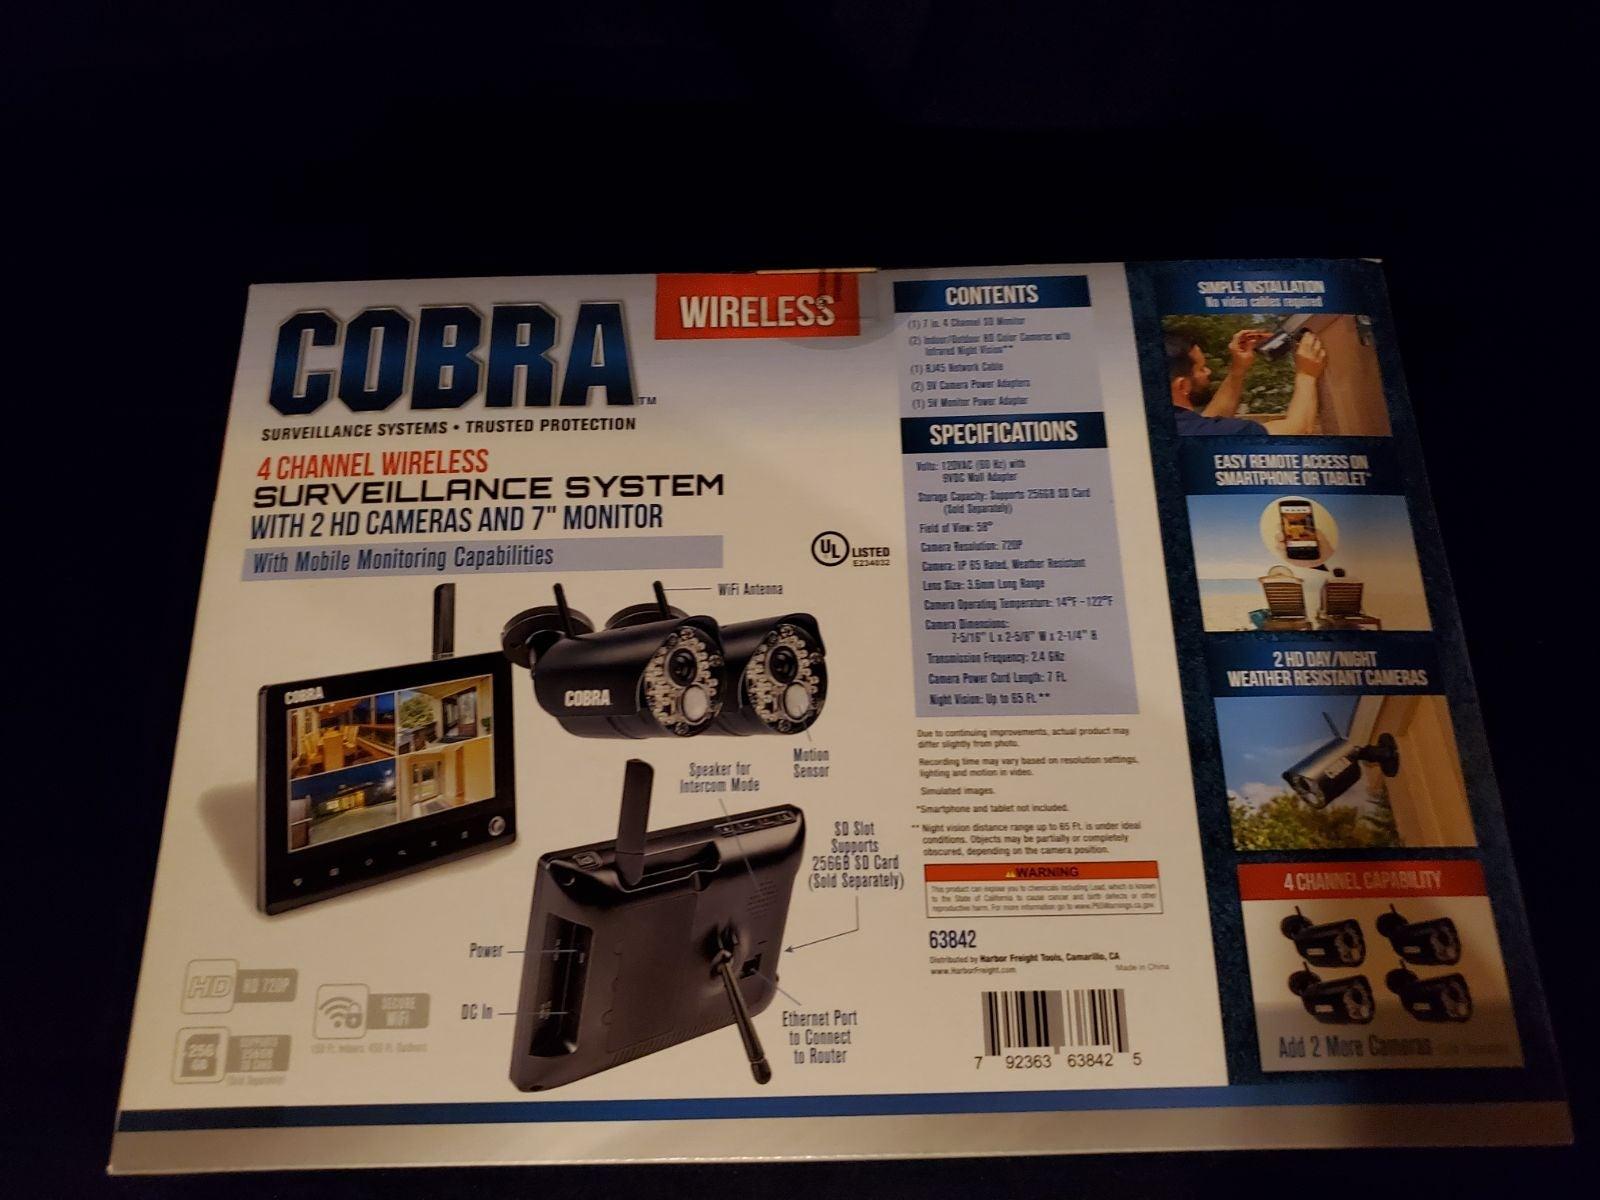 Cobra Surveillance System 4 channel wire